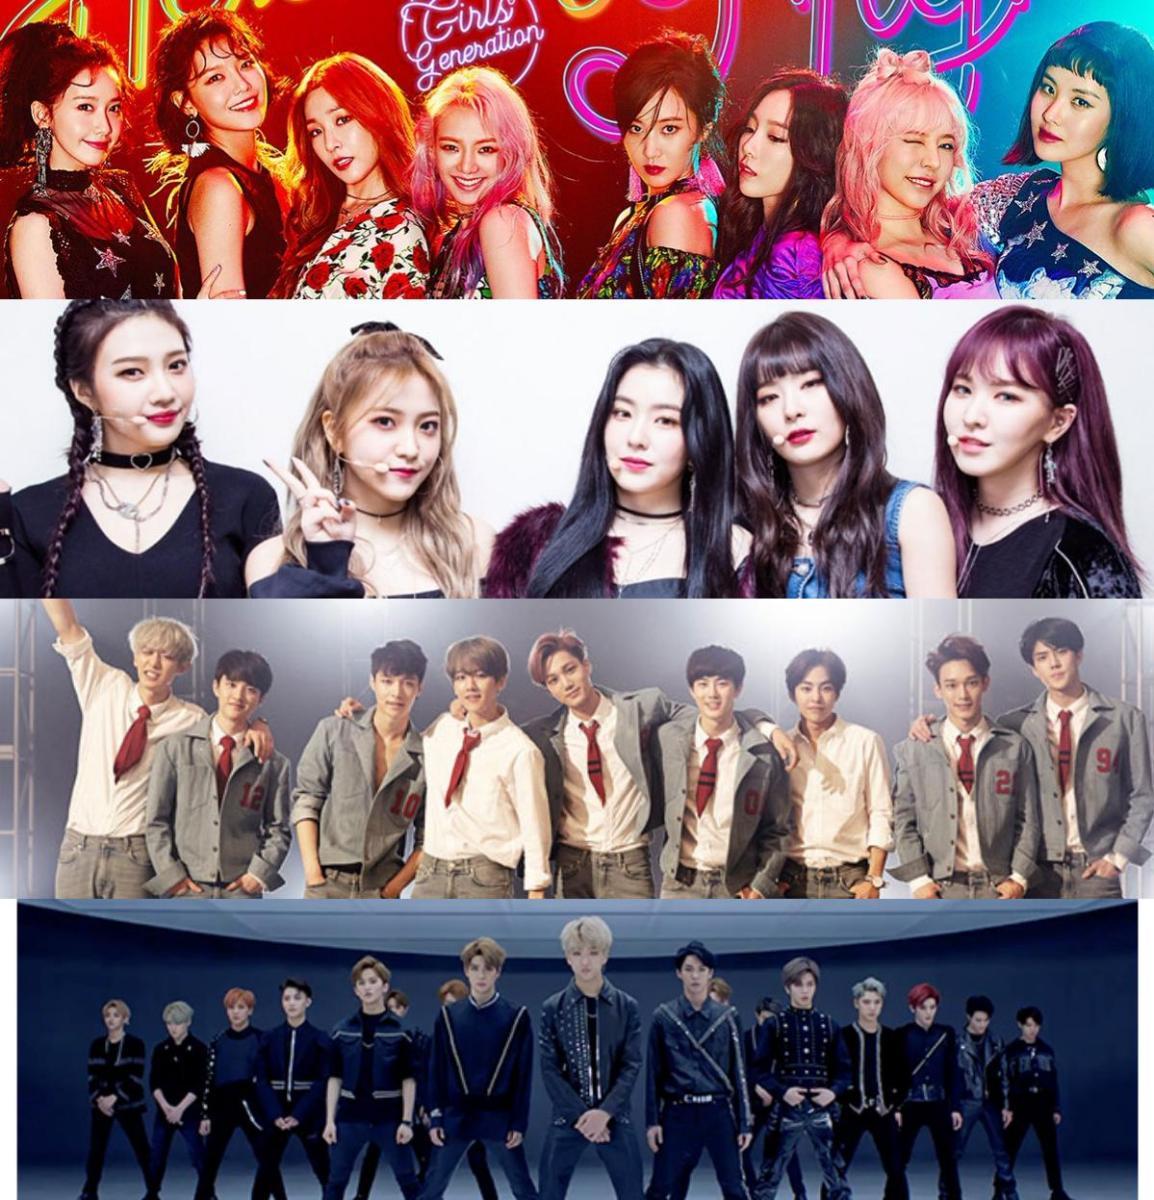 شركة SM تكشف عن قائمة لعودات فرقها لعام 2018، من ضمنها:  عودة فرقة EXO، فرقة Girls'Generation فرقة NCT والمزيد!